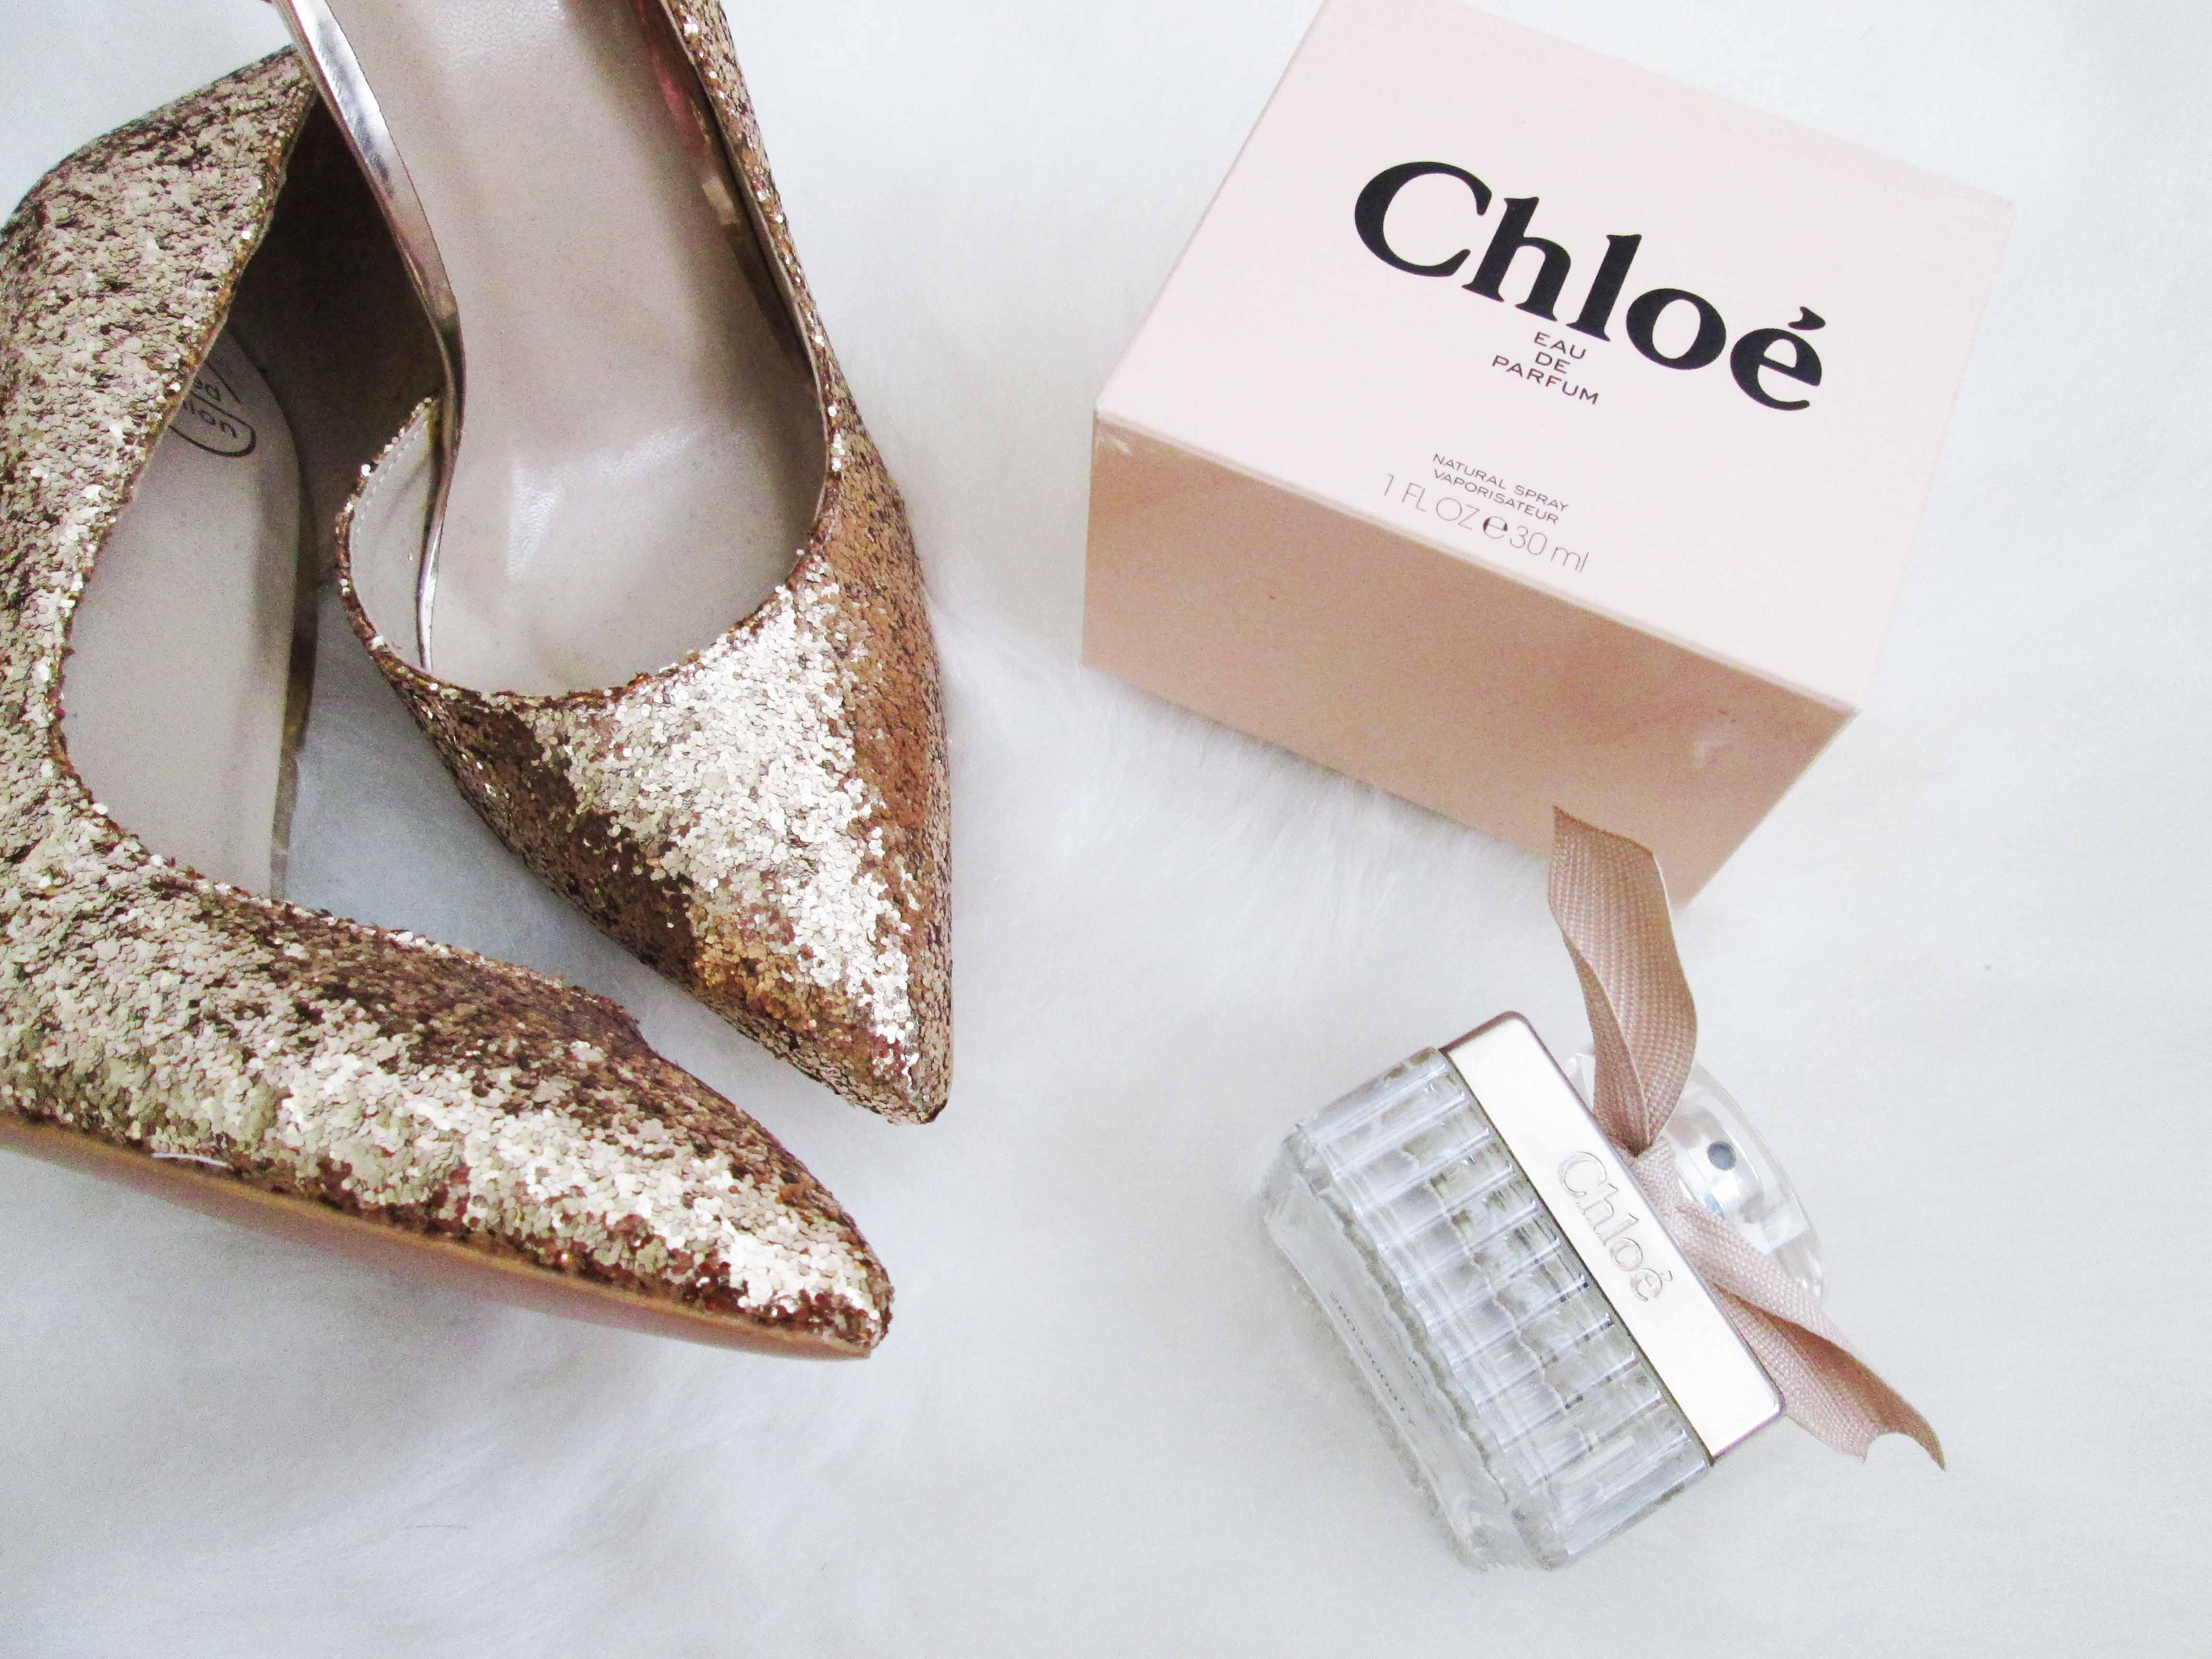 Chloé Chloé - dámská parfémovaná voda